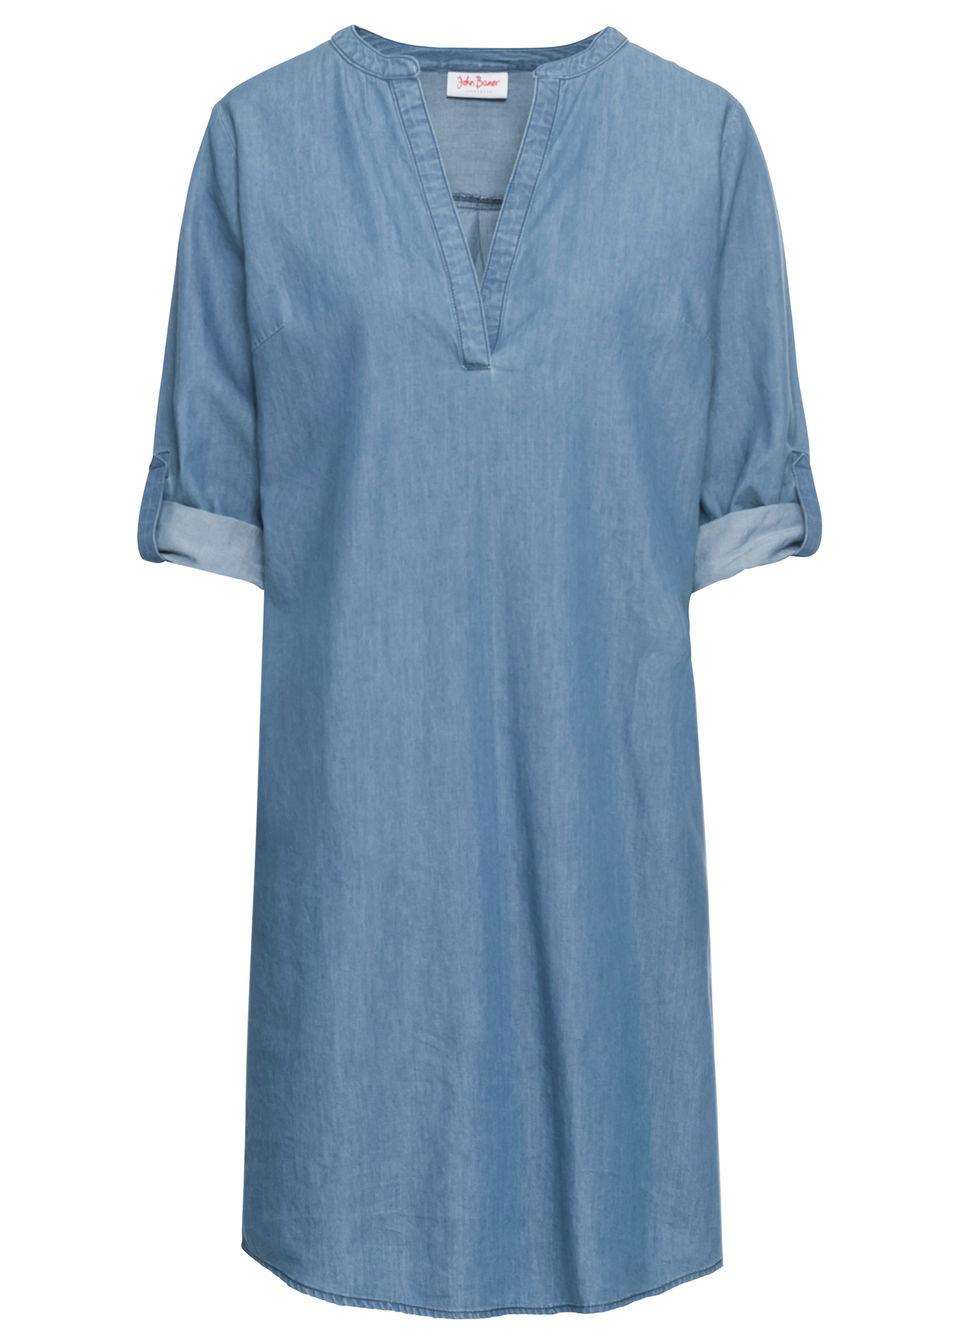 986047ed2c41 Bonprix Džínsové šaty s polovičným rukávom - Glami.sk